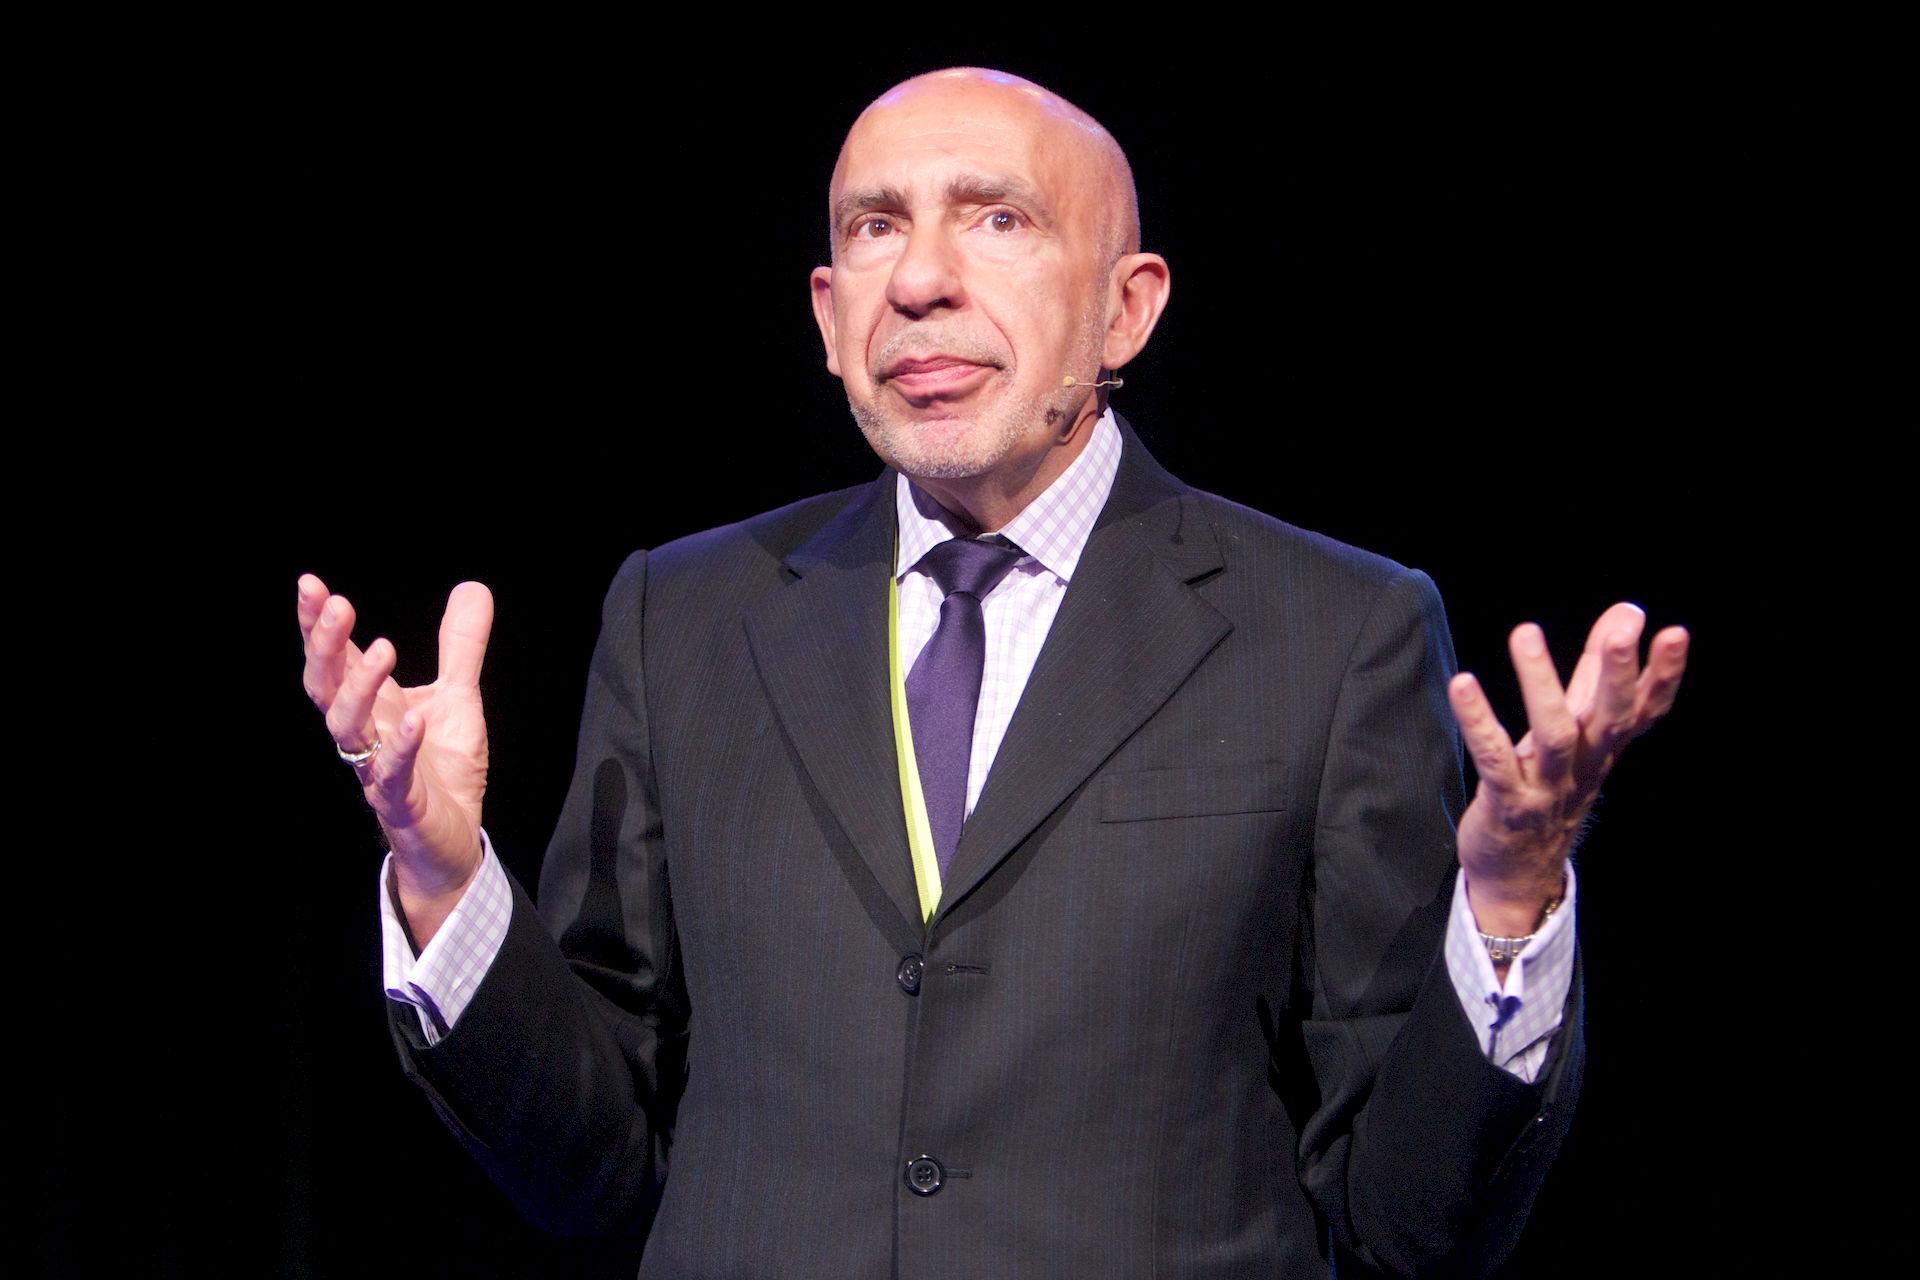 Photo of Mario García (designer): American artist